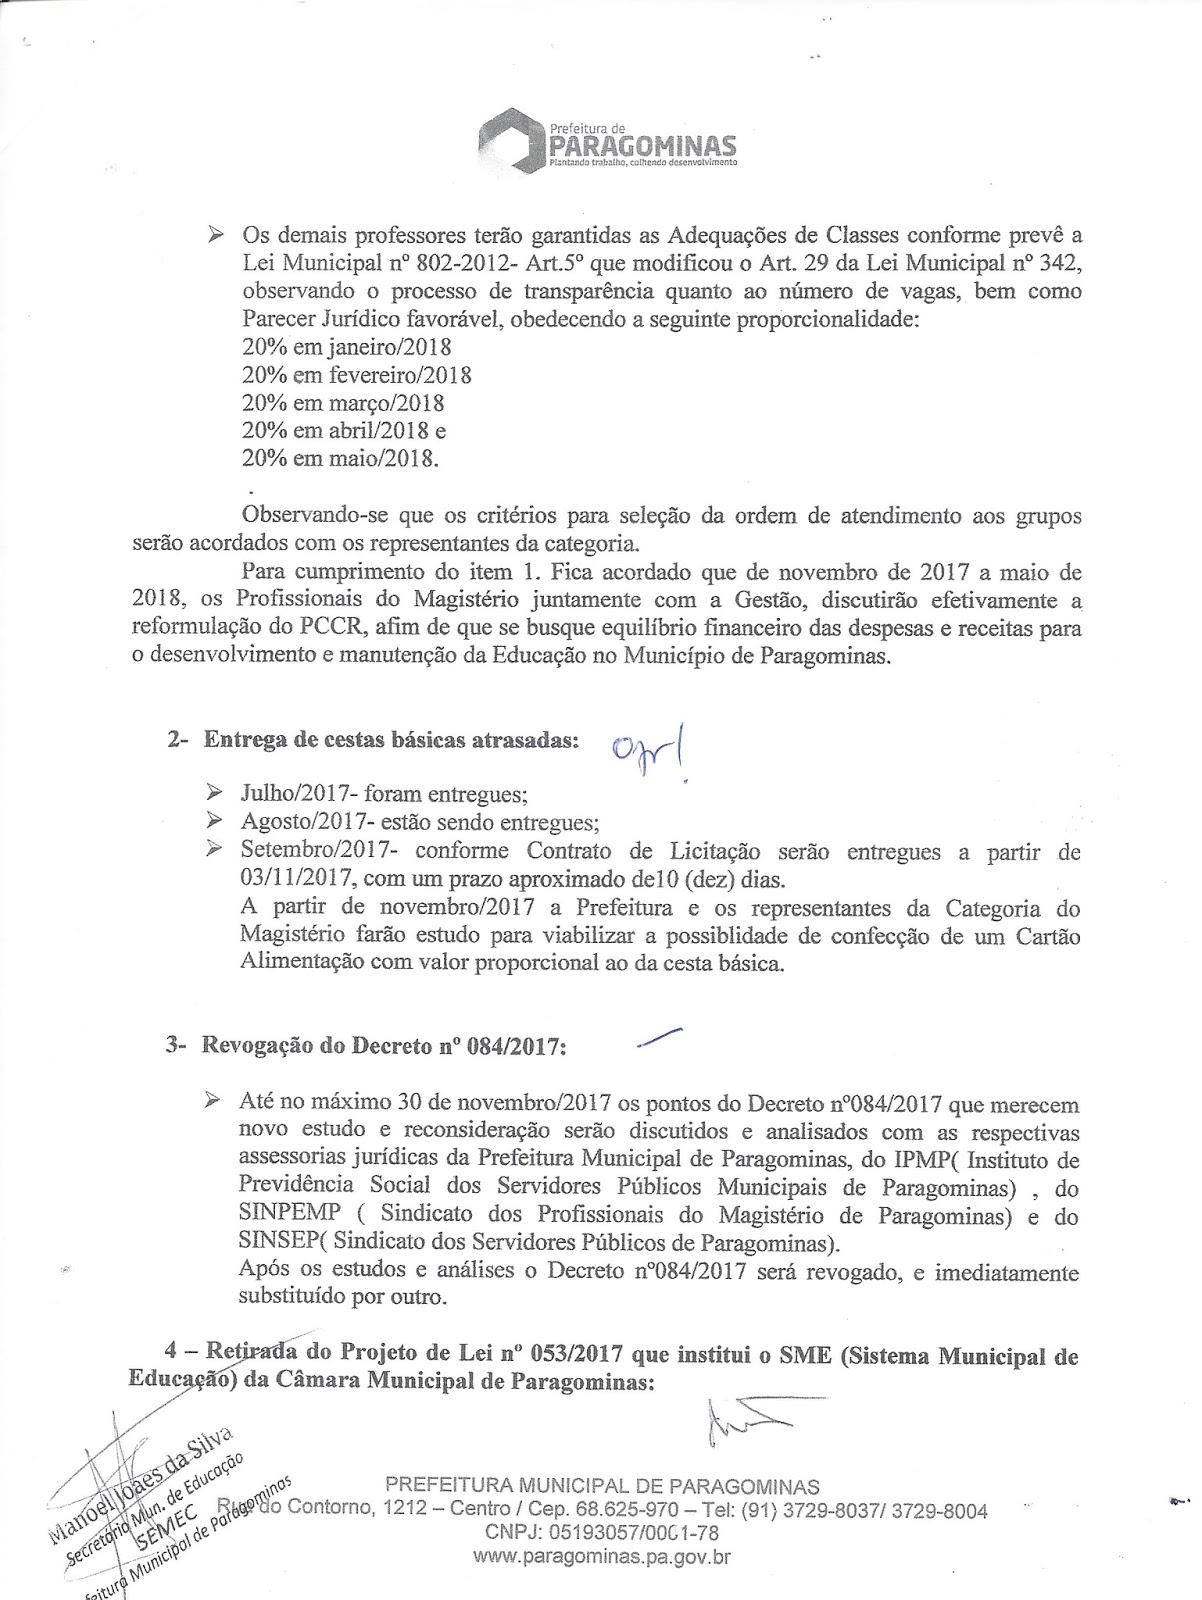 scan0001 - Professores de Paragominas deflagram GREVE